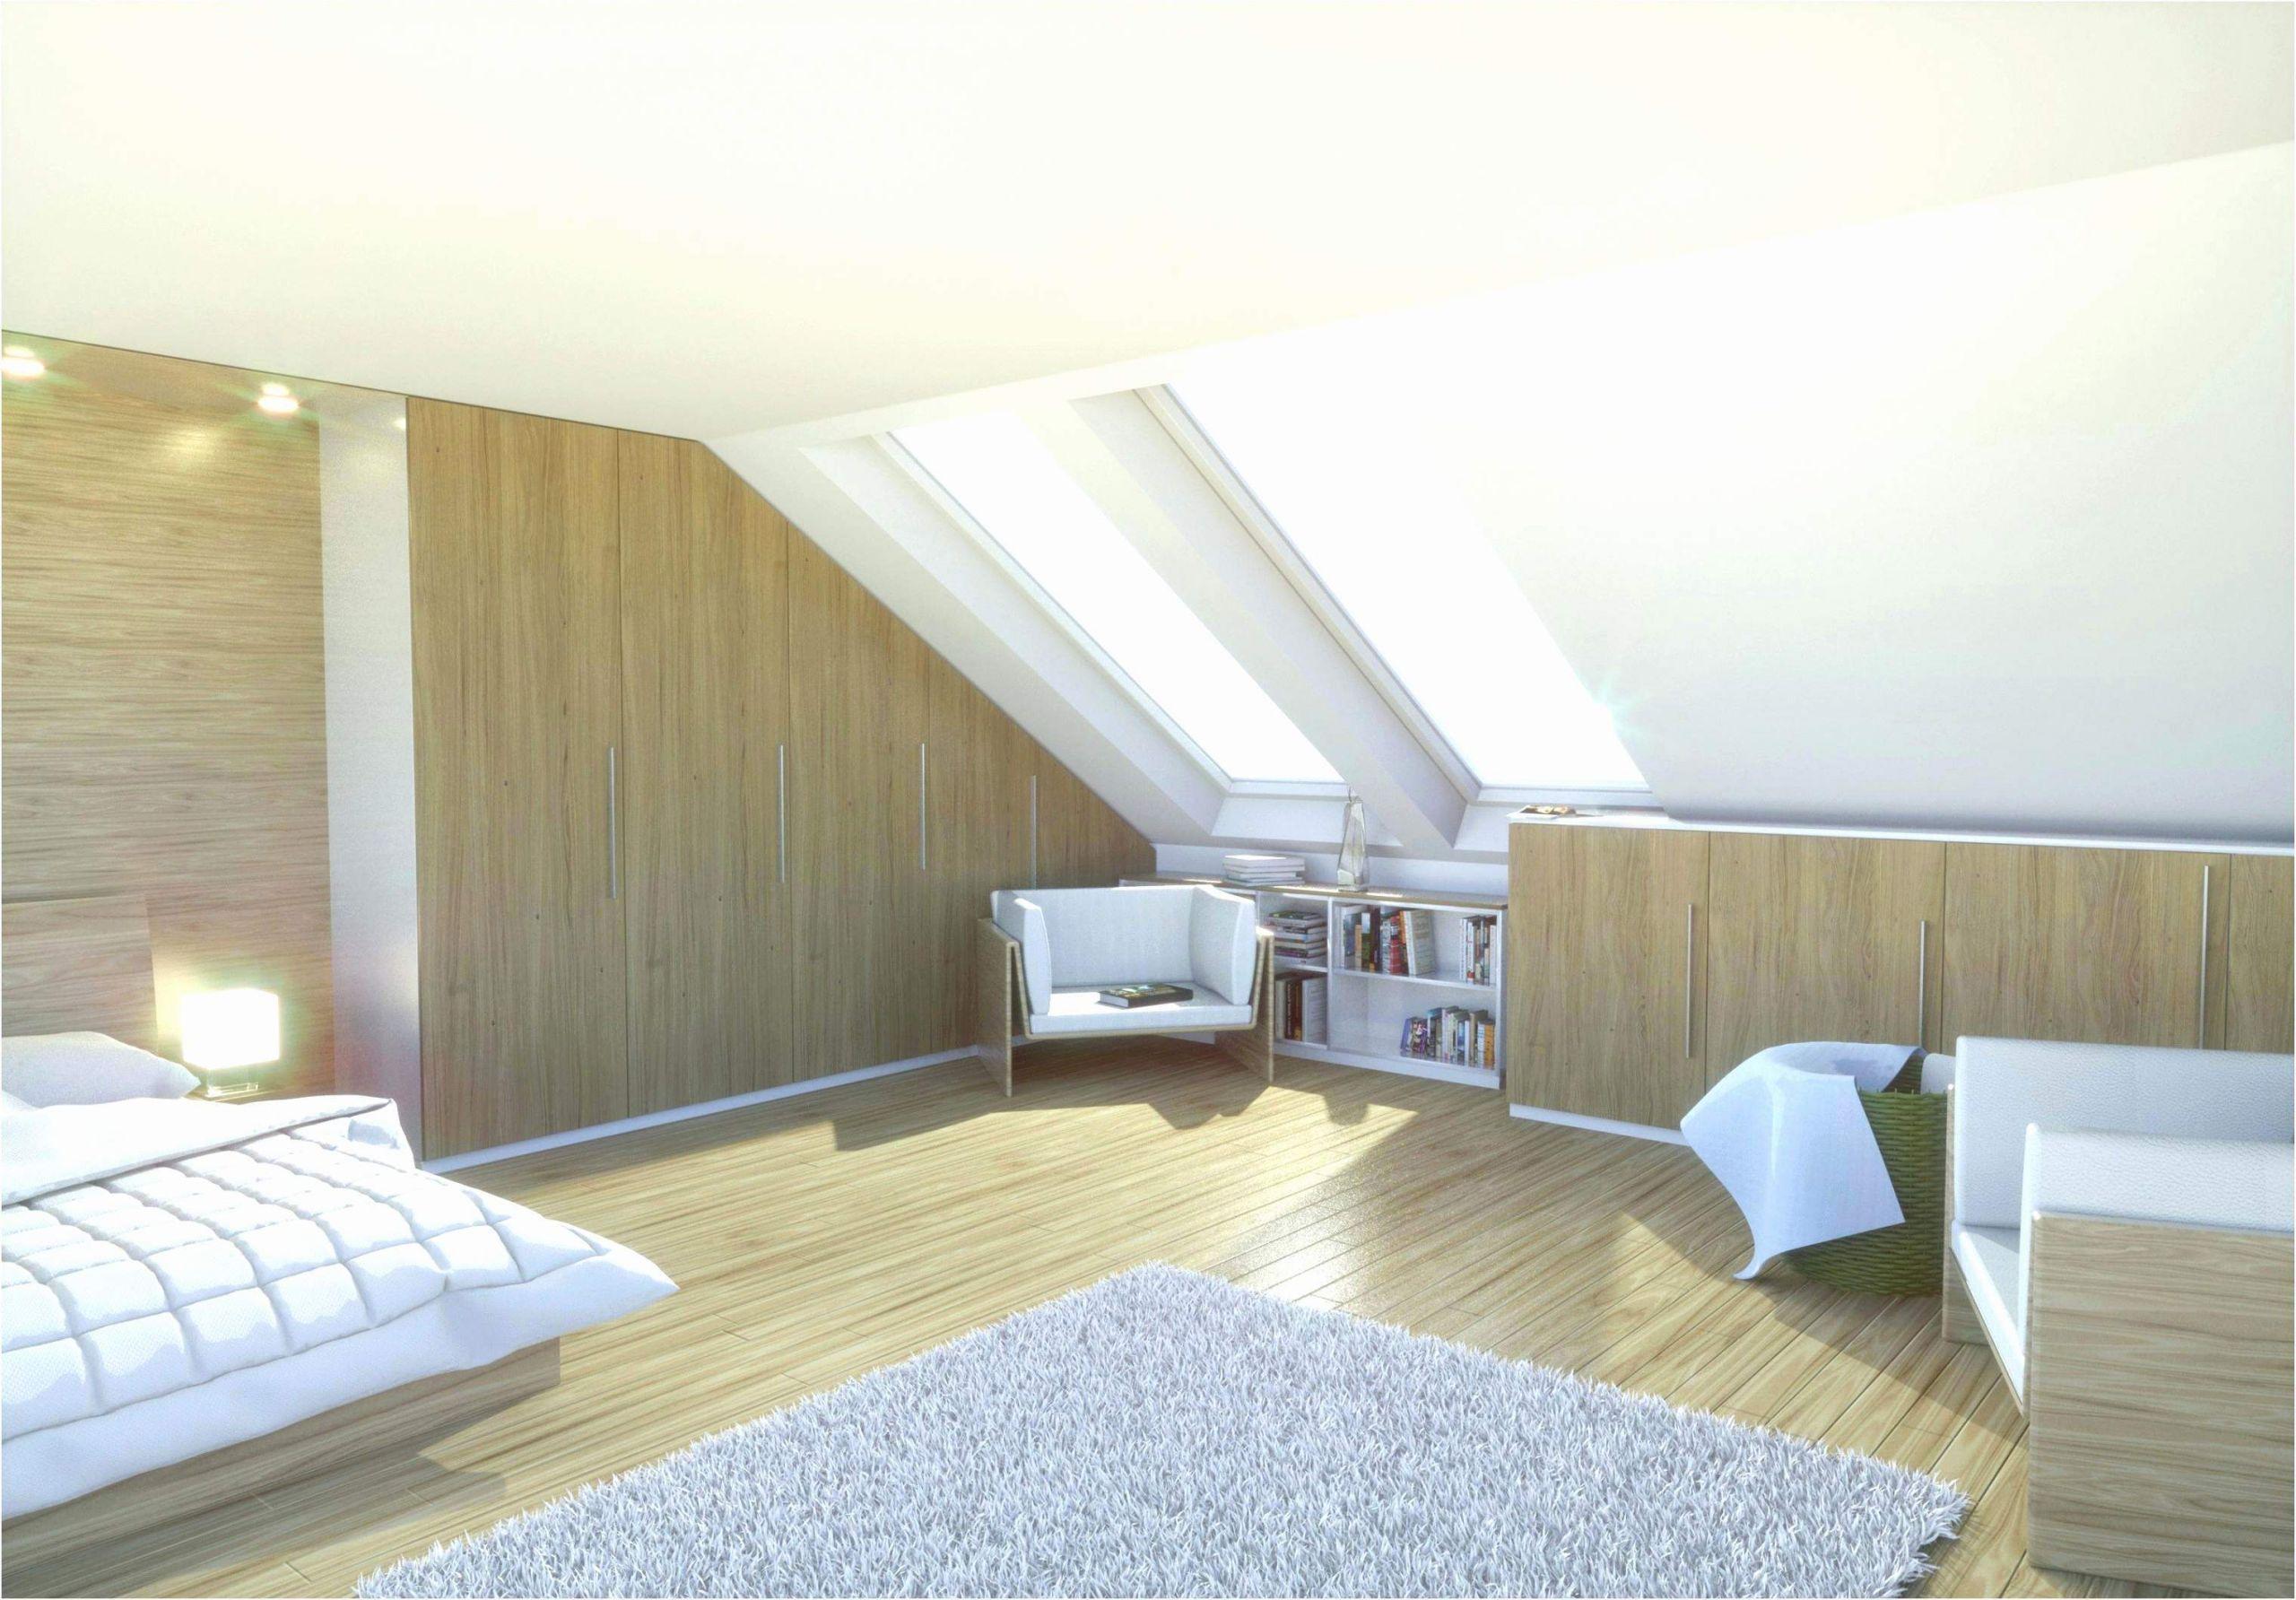 wohnzimmer mit steinwand einzigartig schon wohnzimmer deko ideen of wohnzimmer mit steinwand scaled